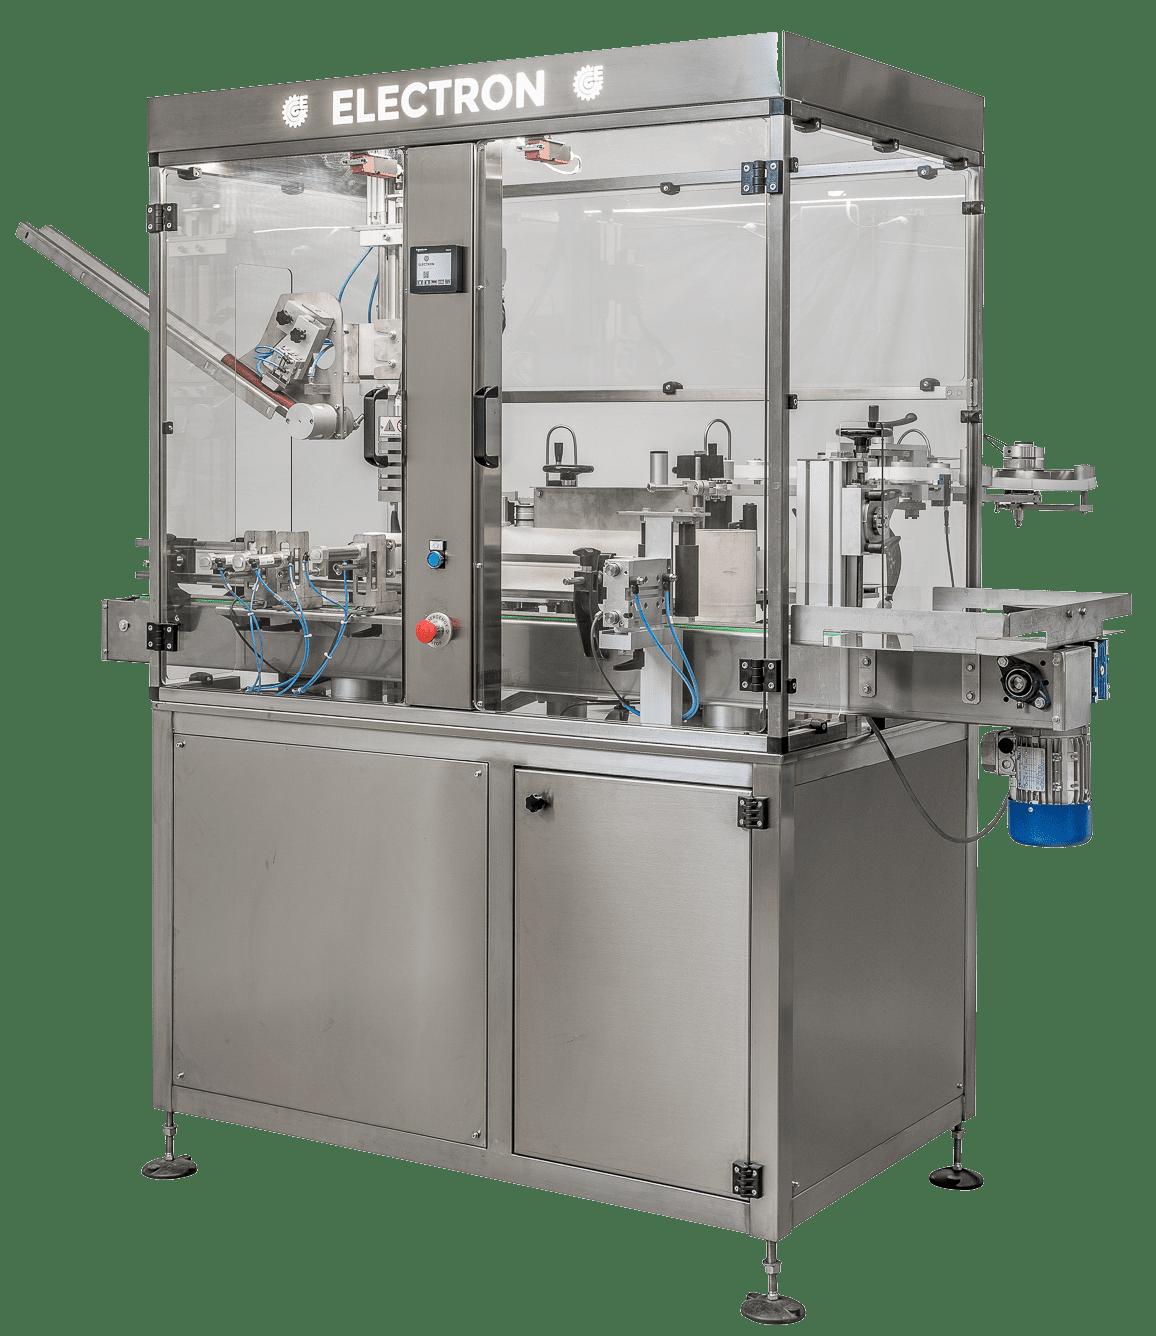 Etichettatura Electron | Teste etichettatrici e monoblocchi automatici